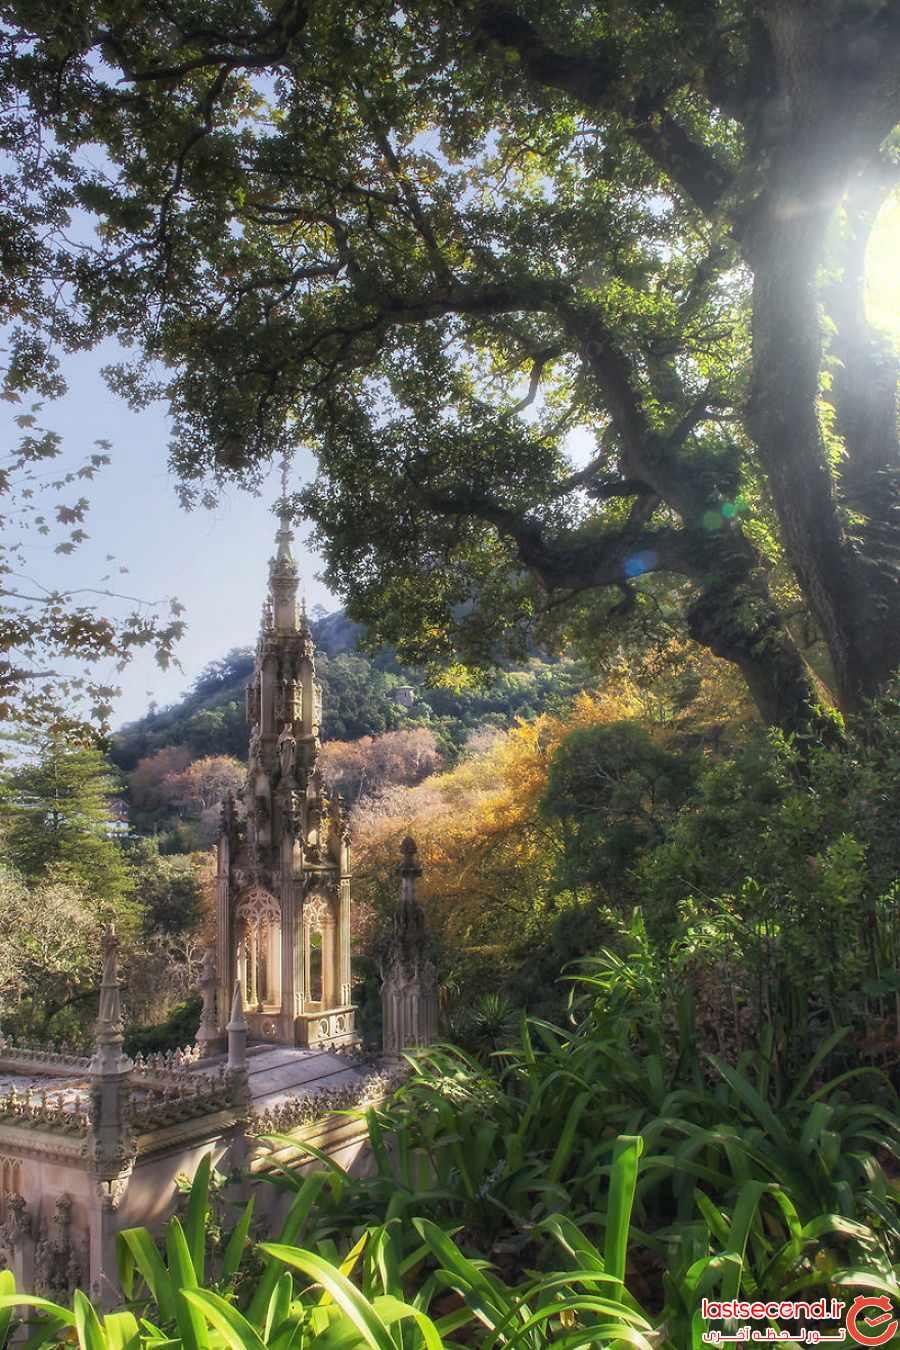 قصری مرموز و اسرارآمیز در قلب پرتغال      